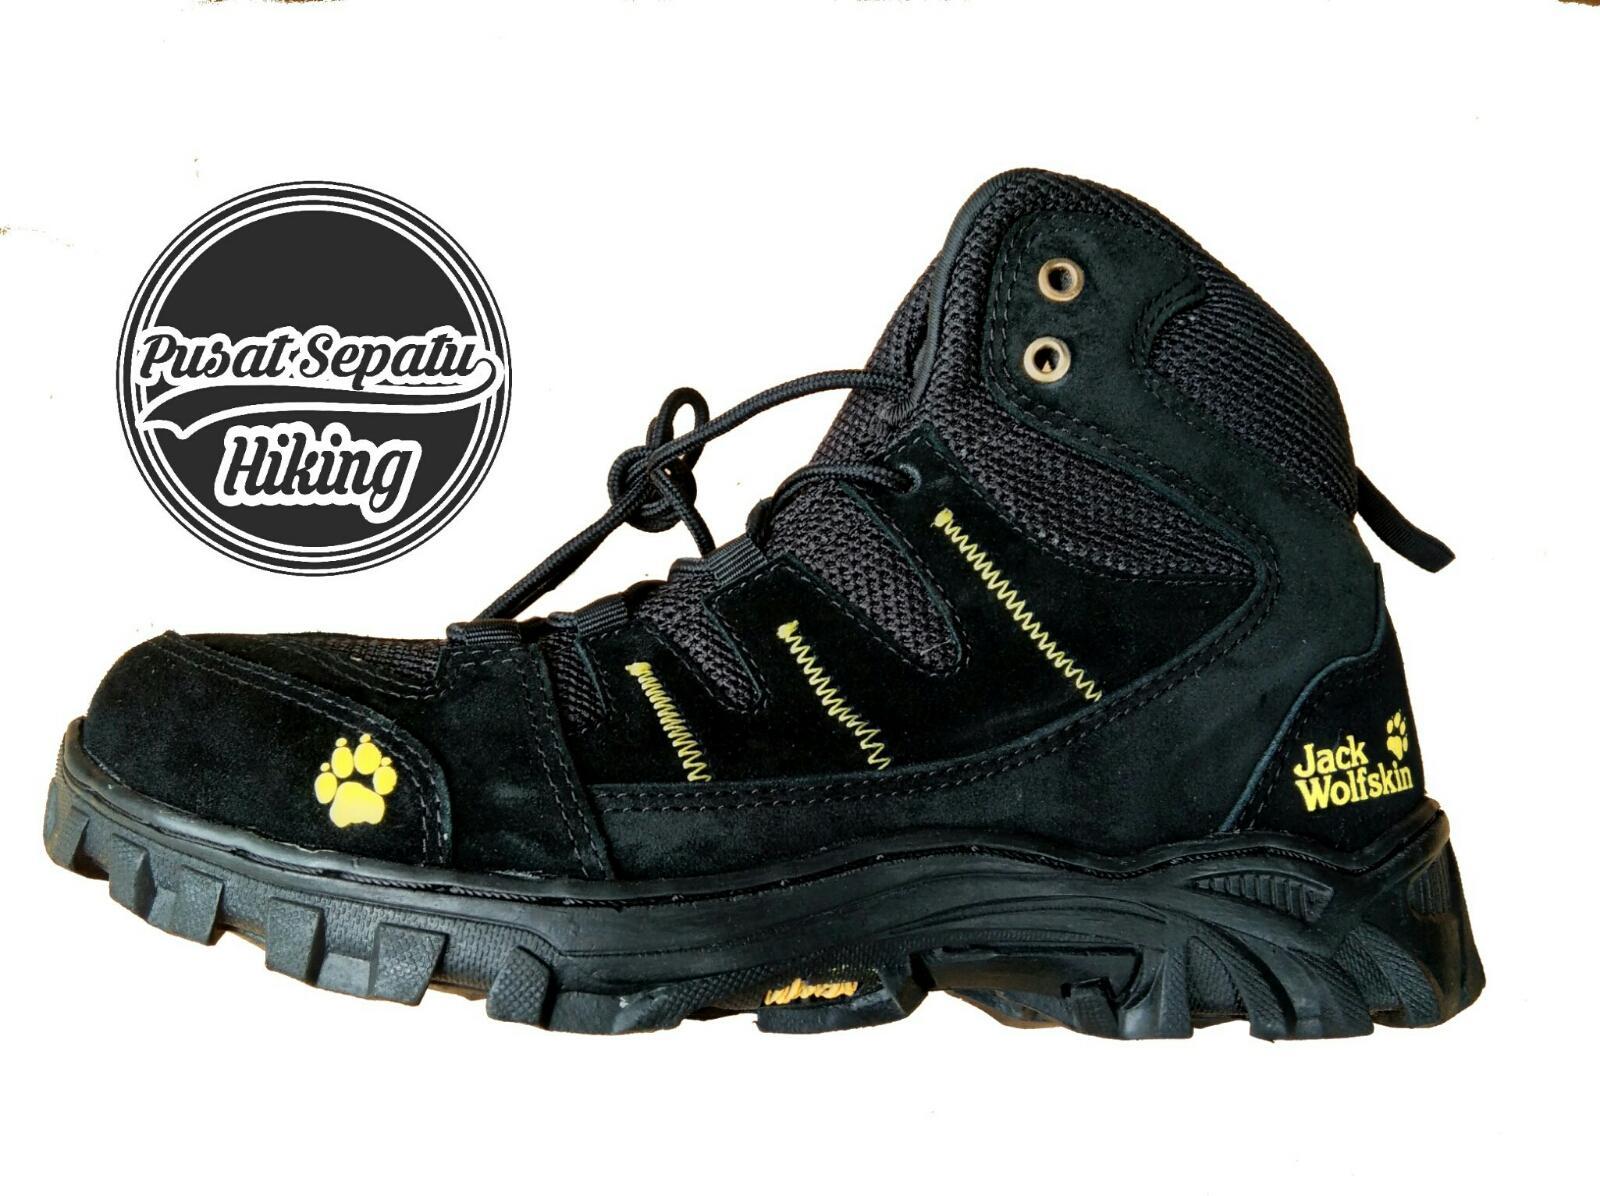 Sepatu Gunung Pria – Sepatu Jack Wolfskin – Sepatu Hiking – Sepatu Tracking  – Sepatu Proyek – Boots – Waterproof e9595023bc